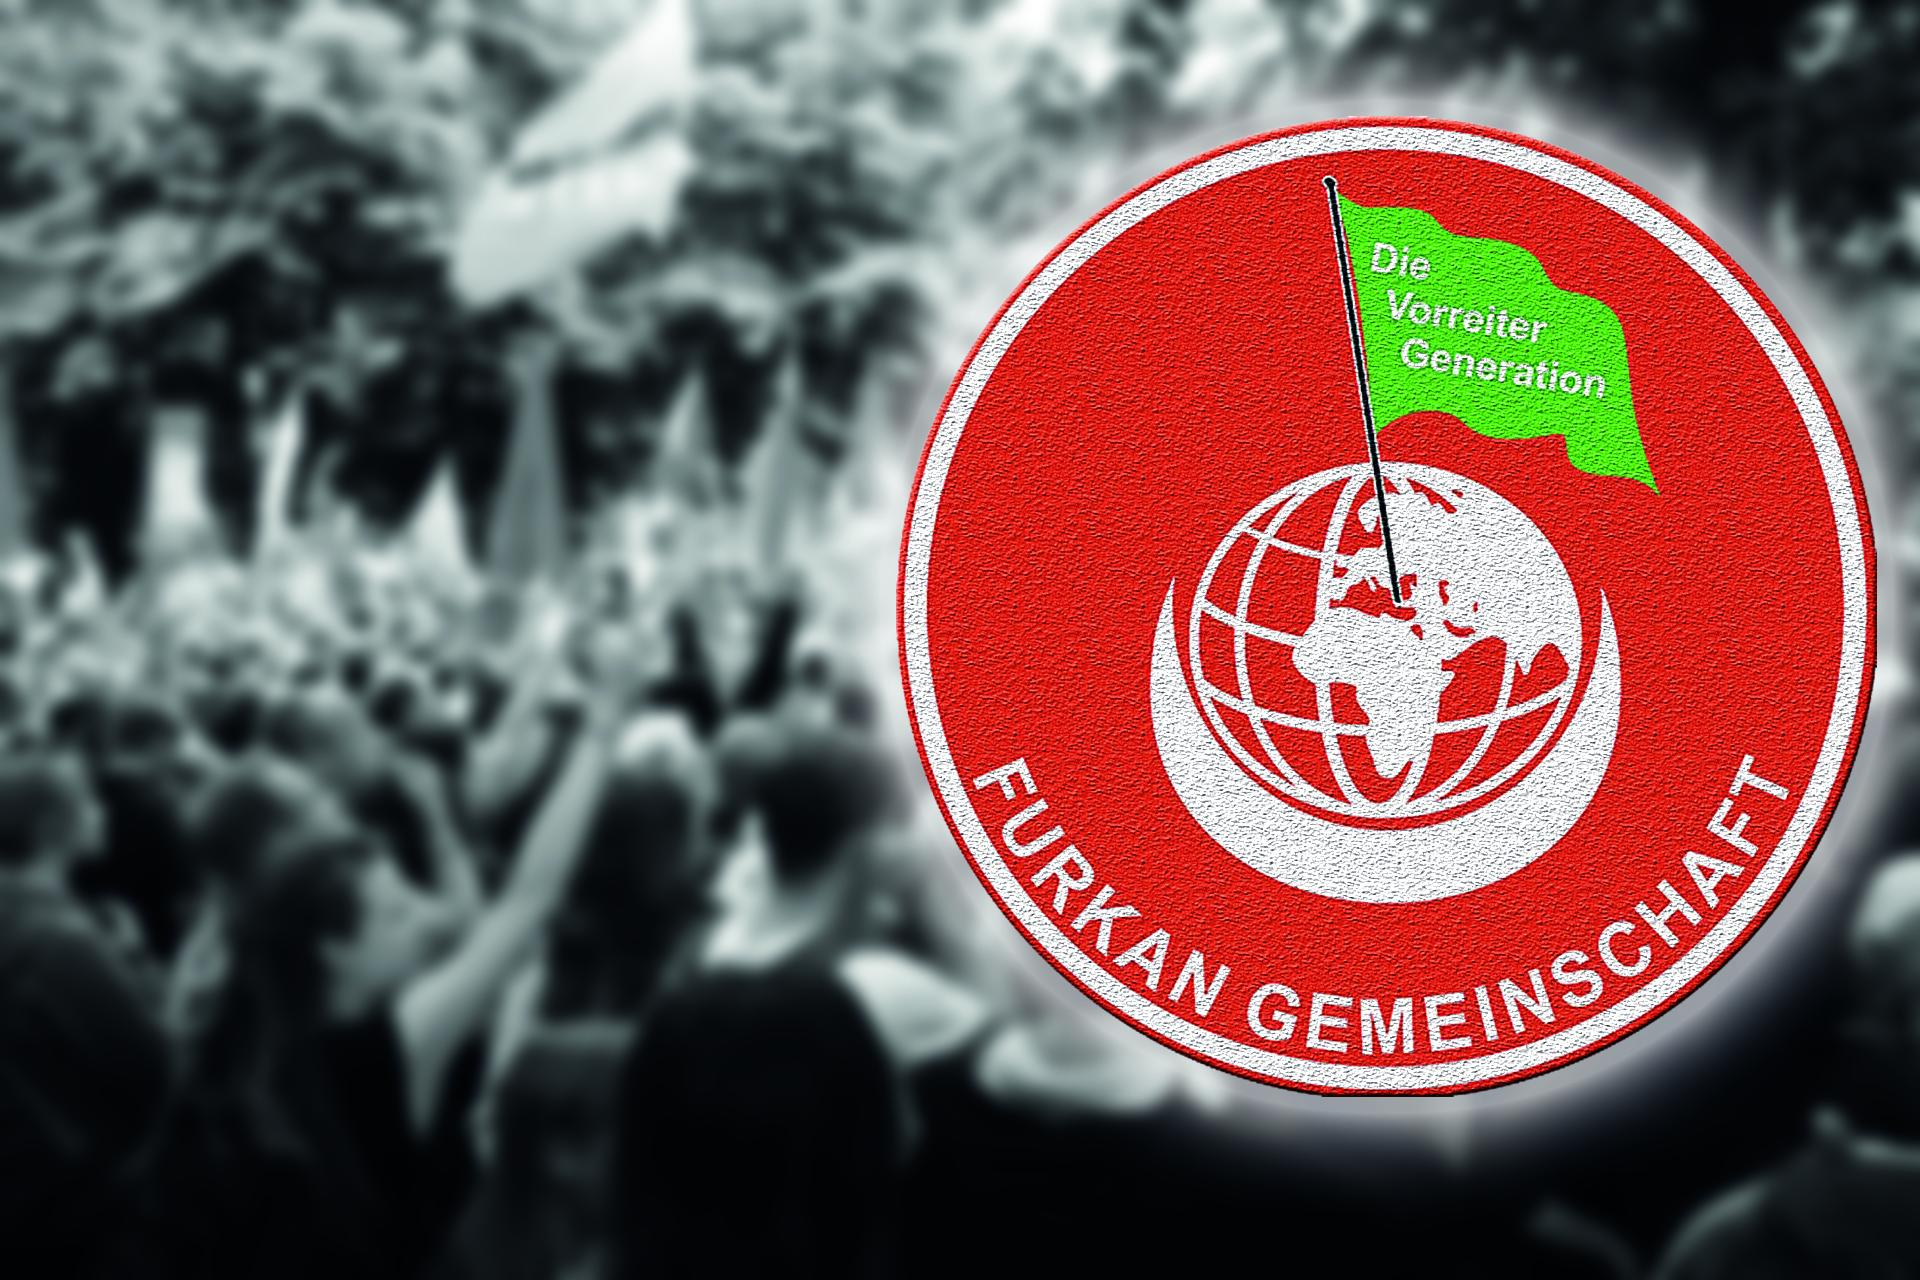 Bild einer Demonstration mit dem Logo der Furkan-Gemeinschaft